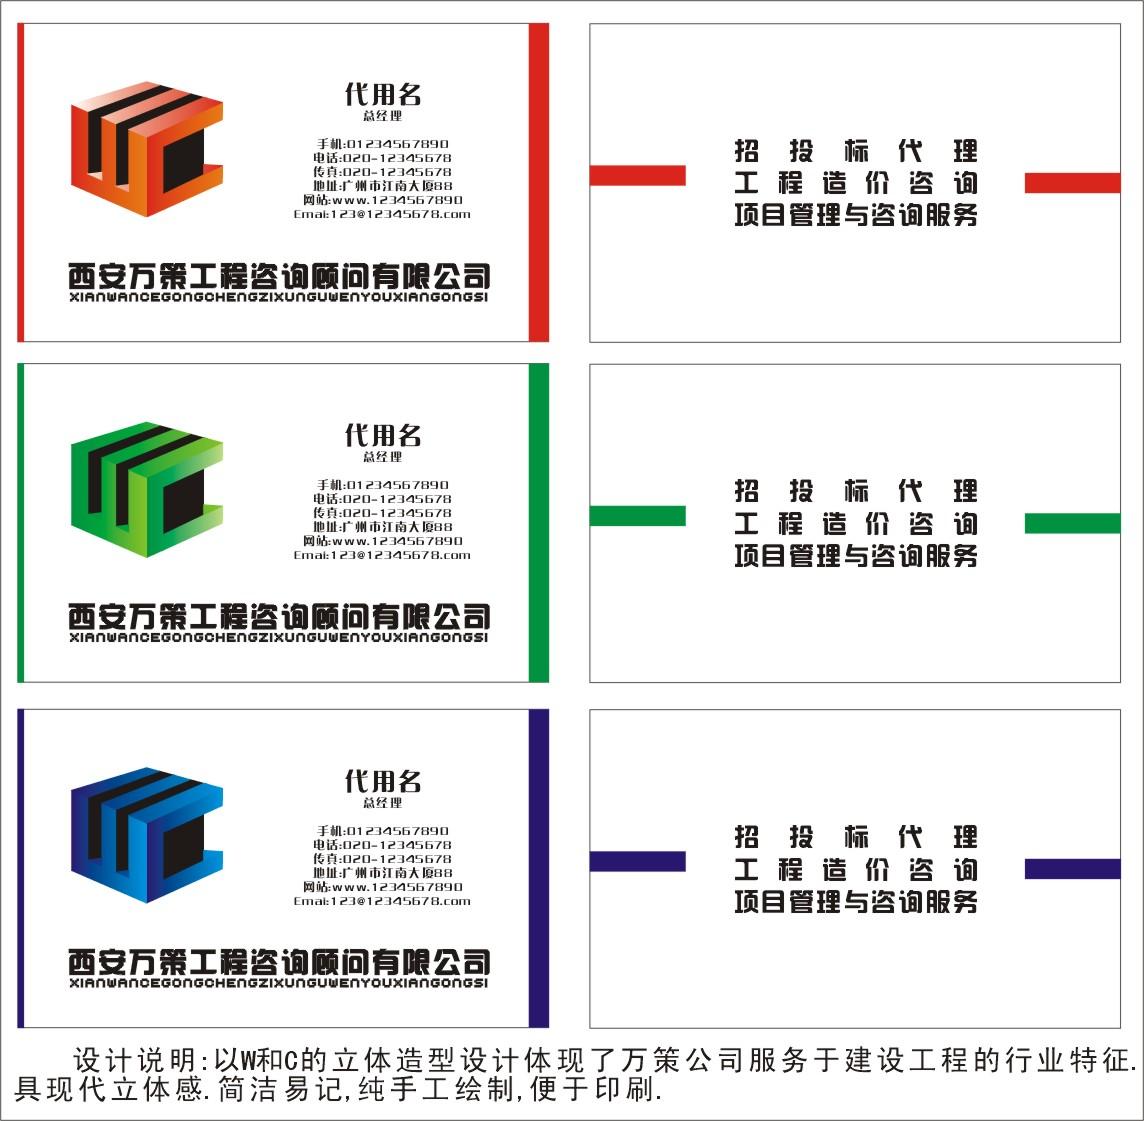 西安万策工程咨询顾问有限公司 是一家拥有建设工程招标代理、造价咨询双资质的工程咨询类企业。现在征集企业标识LOGO。 标识Logo设计要求: 1、能够体现行业特征 2、精美,独特,简洁,富现代和科技感 3、最好能够制作用于媒体彩色印刷和工作服两种环境的不同版本Logo 4、来稿附详细创意说明、制图规范等。 名片设计要求: 1、名片正面应包括LOGO,公司名称,姓名,职务,移动电话,电话,传真,地址,网站,E_mail。 2、名片背面设计应有如下内容:招投标代理 工程造价咨询 项目管理与咨询服务。 (公司简